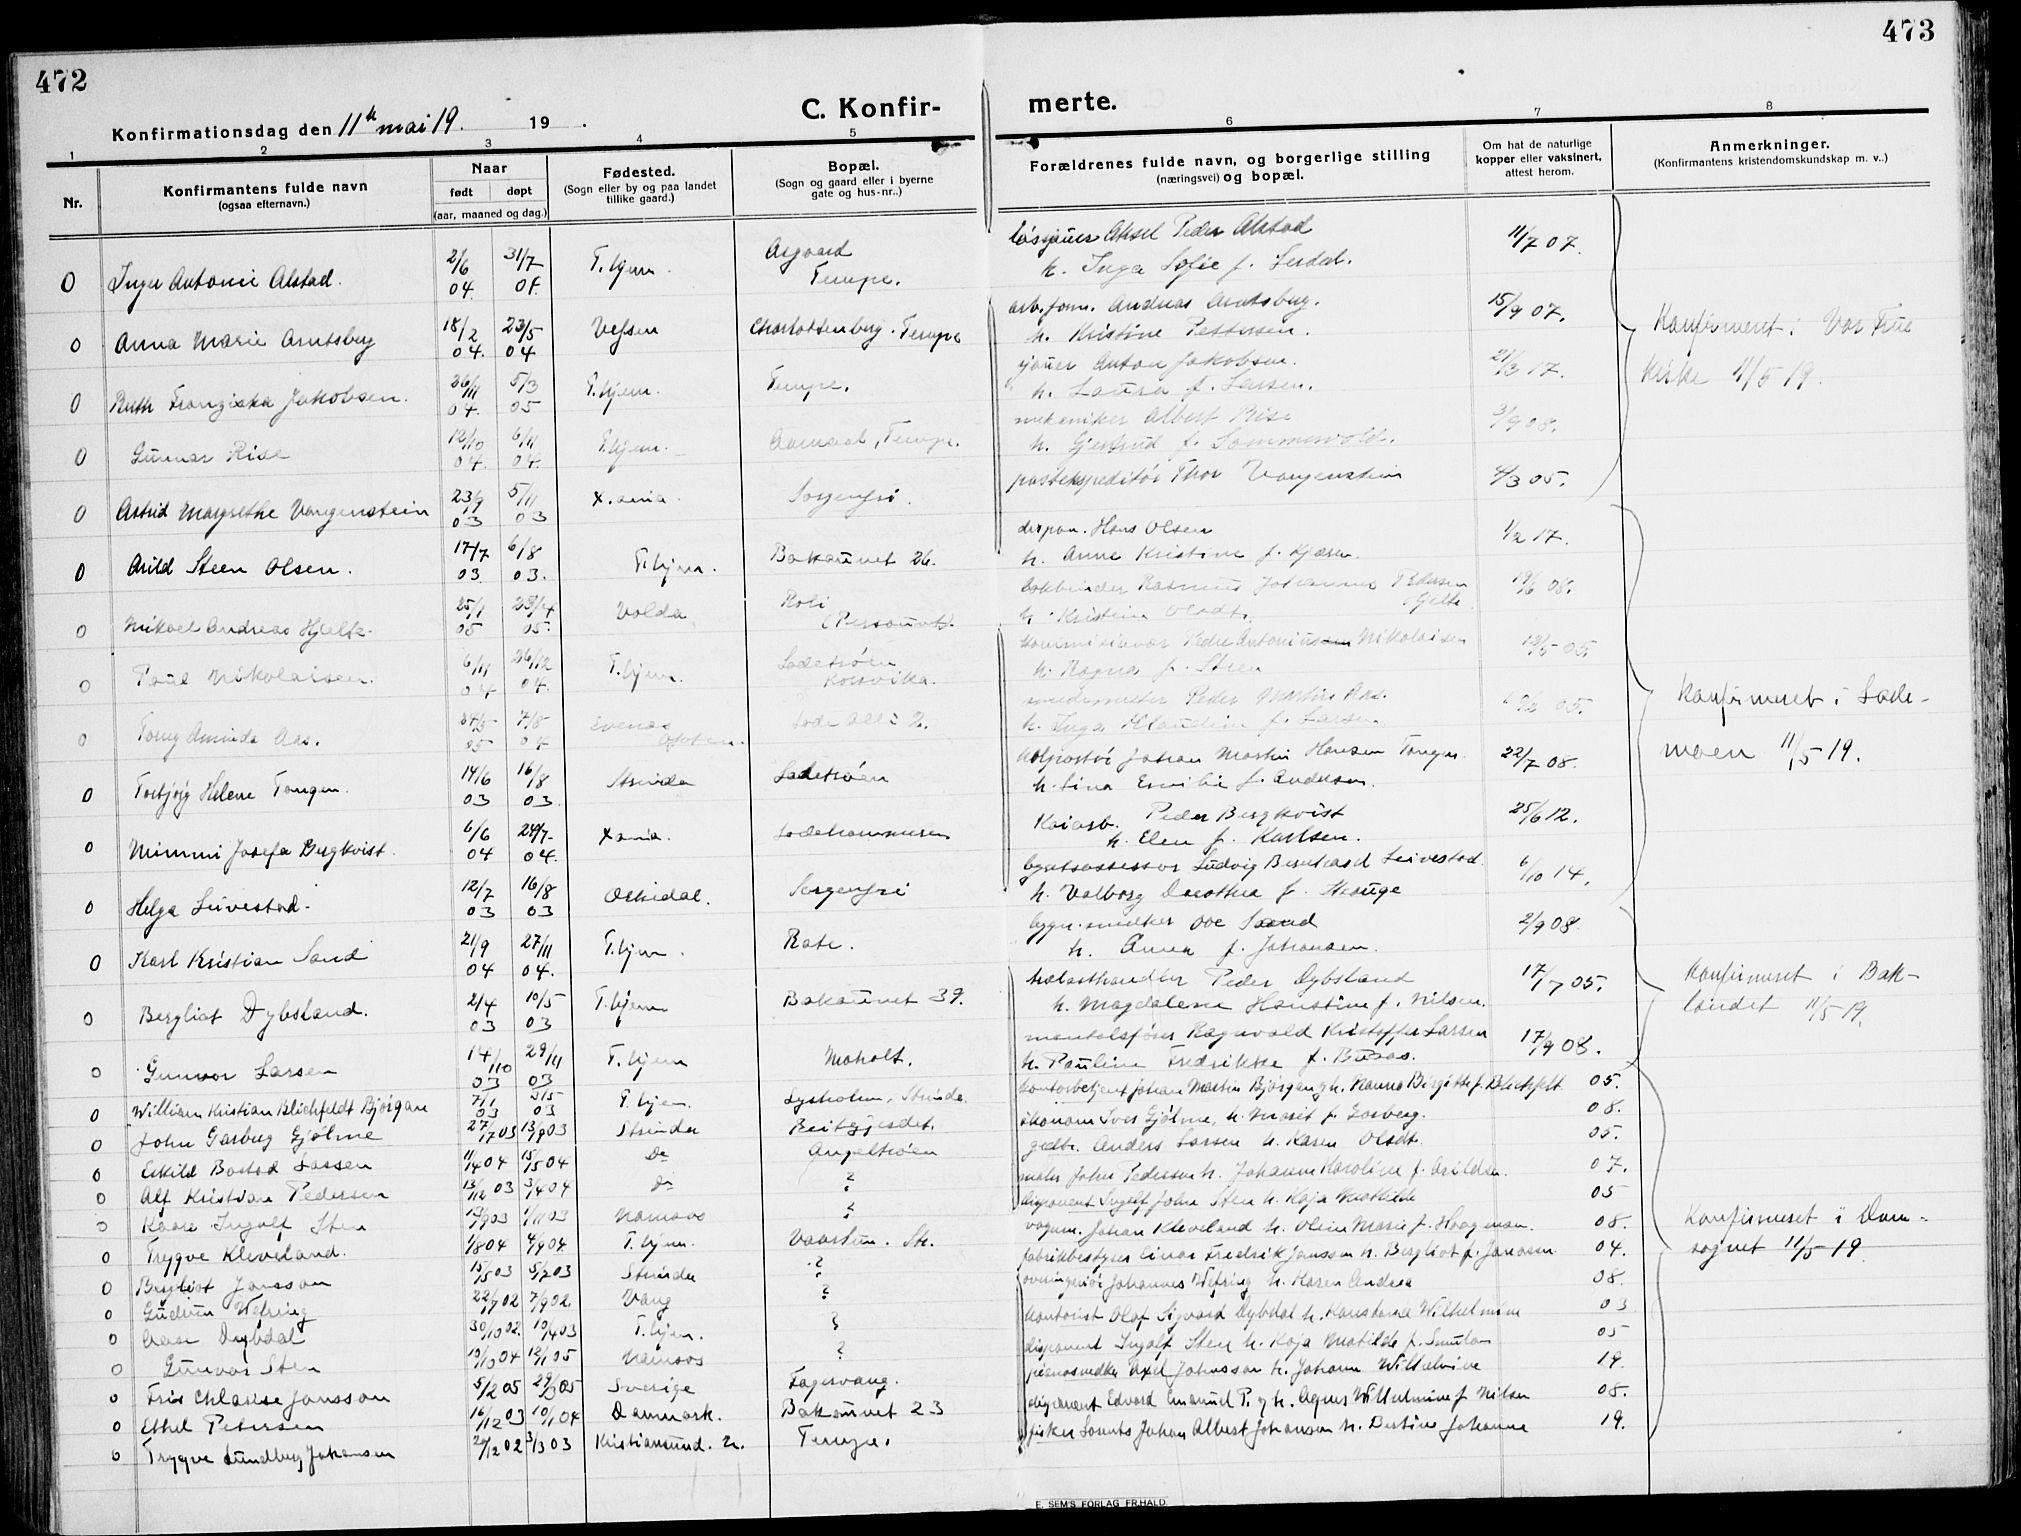 SAT, Ministerialprotokoller, klokkerbøker og fødselsregistre - Sør-Trøndelag, 607/L0321: Ministerialbok nr. 607A05, 1916-1935, s. 472-473